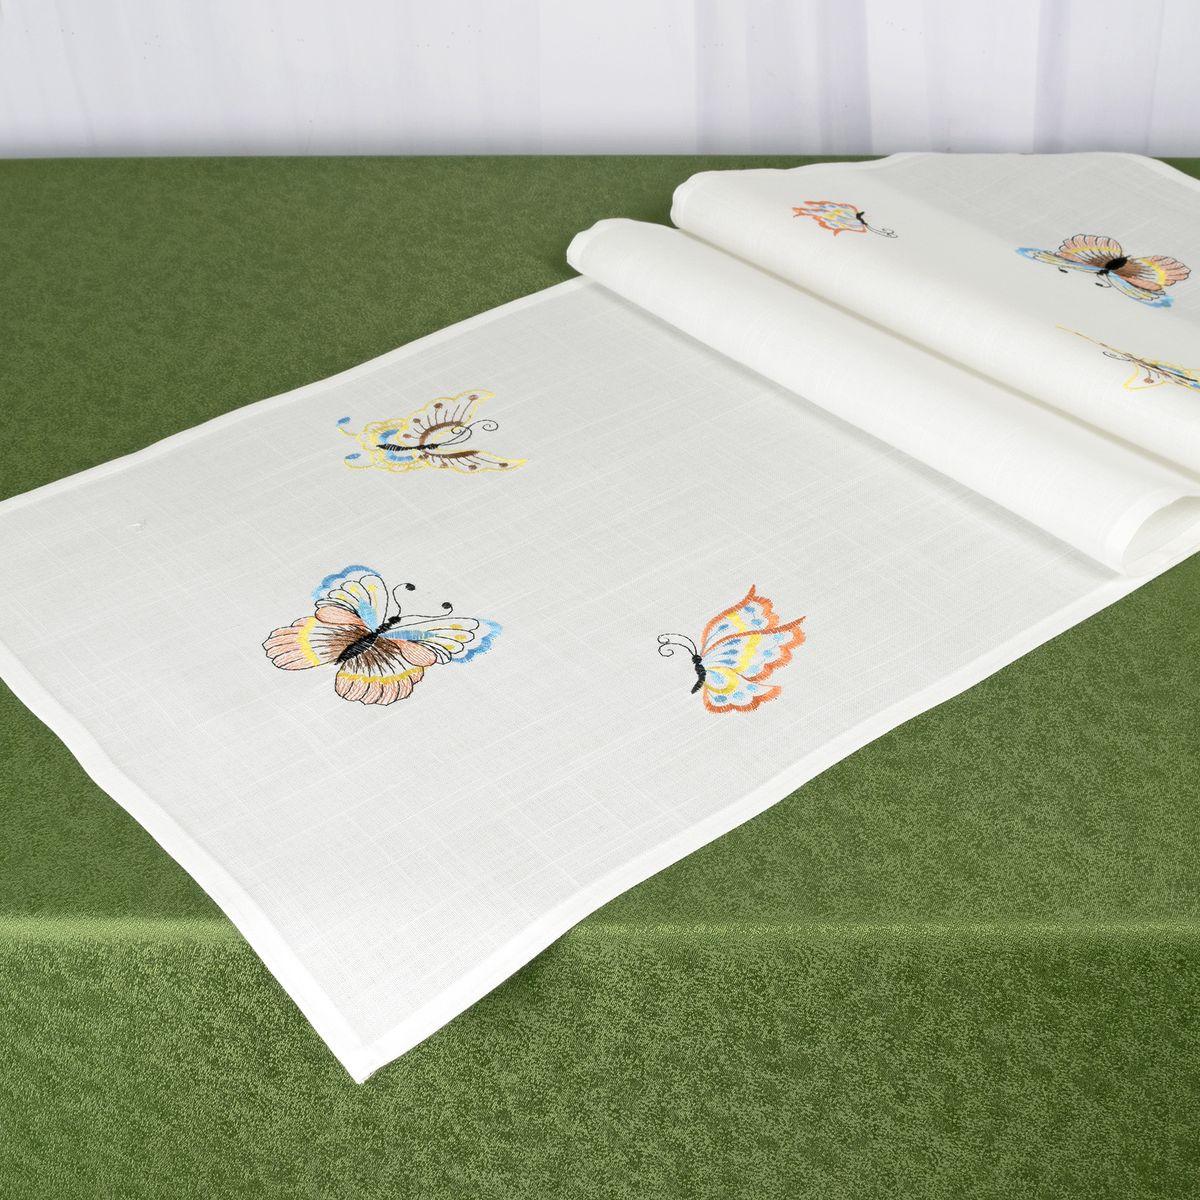 Дорожка для декорирования стола Schaefer, 40 x 140 см, цвет: белый. 07720-21180653Дорожка для декорирования стола Schaefer может быть использована, как основной элемент, так и дополнение для создания уюта и романтического настроения.Дорожка выполнена из полиэстера. Изделие легко стирать: оно не мнется, не садится и быстро сохнет, более долговечно, чем изделие из натуральных волокон.Материал: 100% полиэстер.Размер: 40 x 140 см